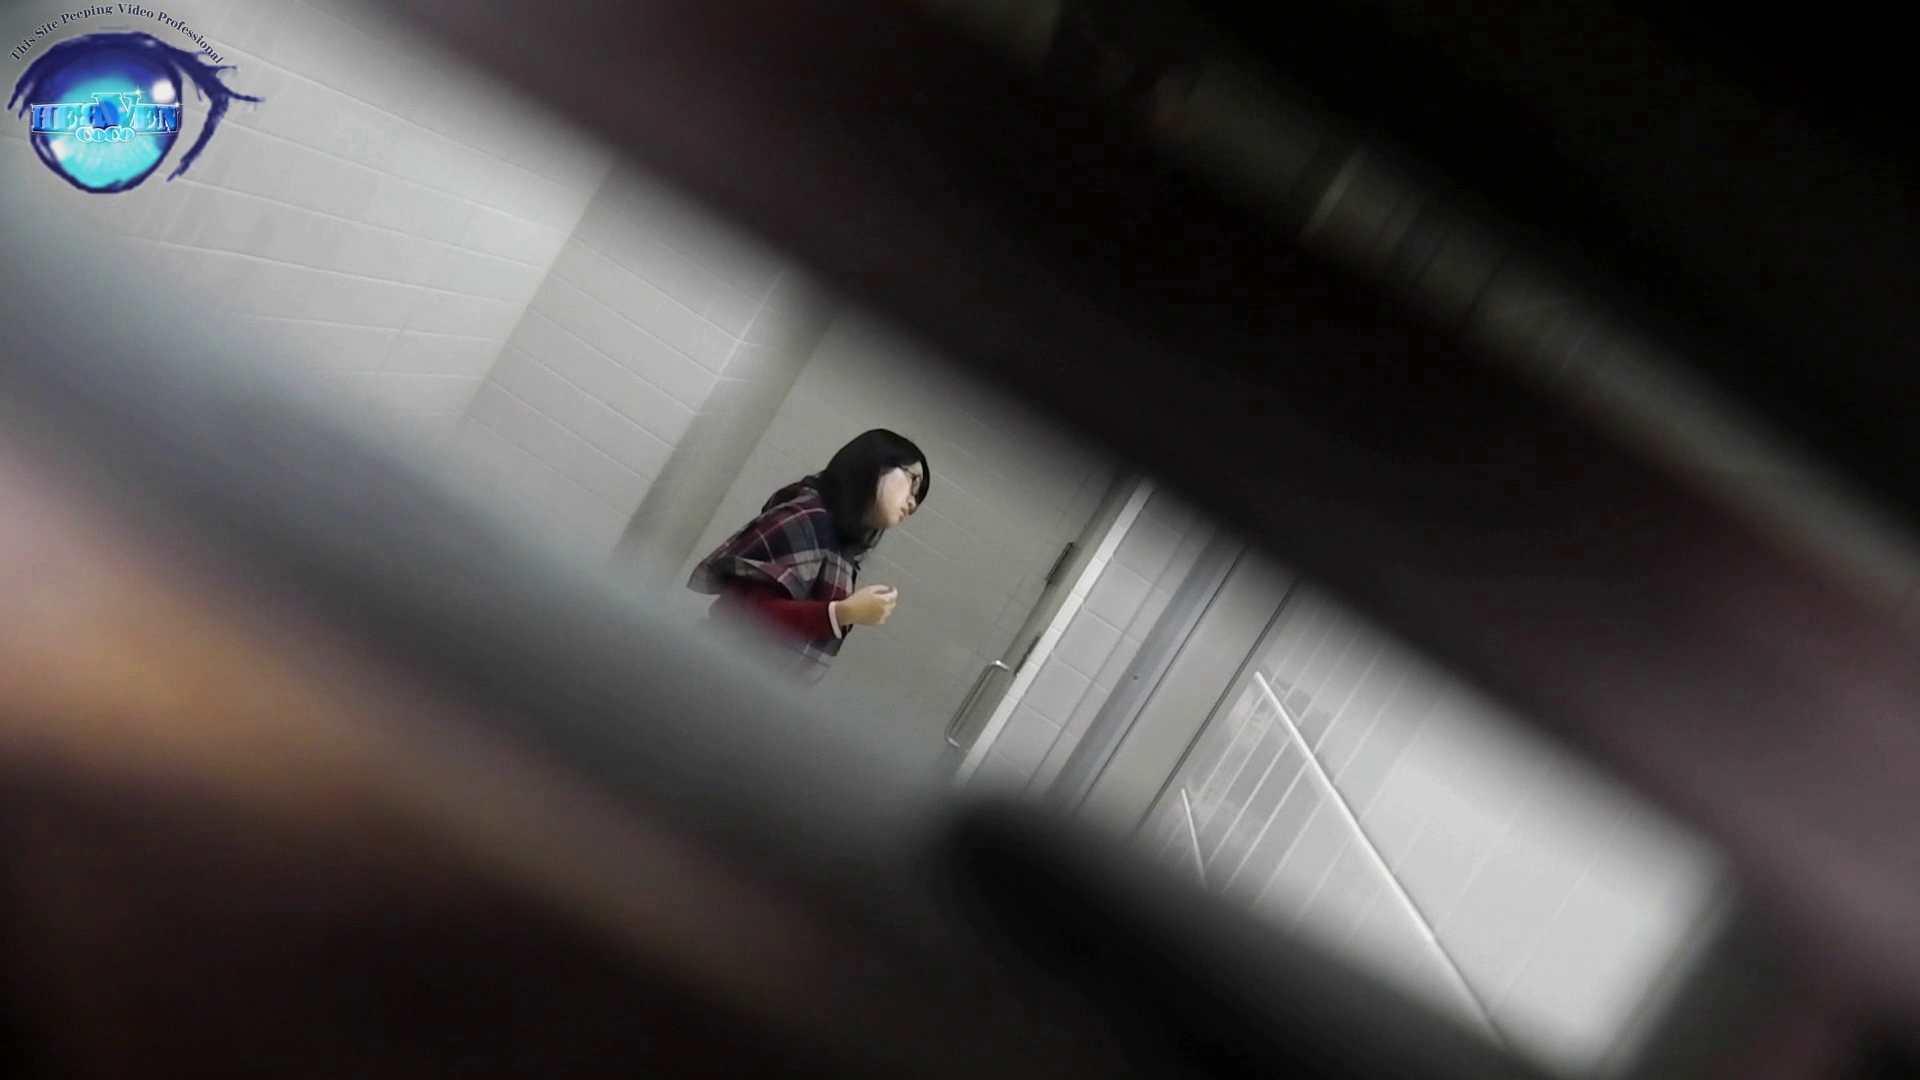 お銀さん vol.59 ピンチ!!「鏡の前で祈る女性」にばれる危機 後編 美しいOLの裸体 | 0  79pic 29